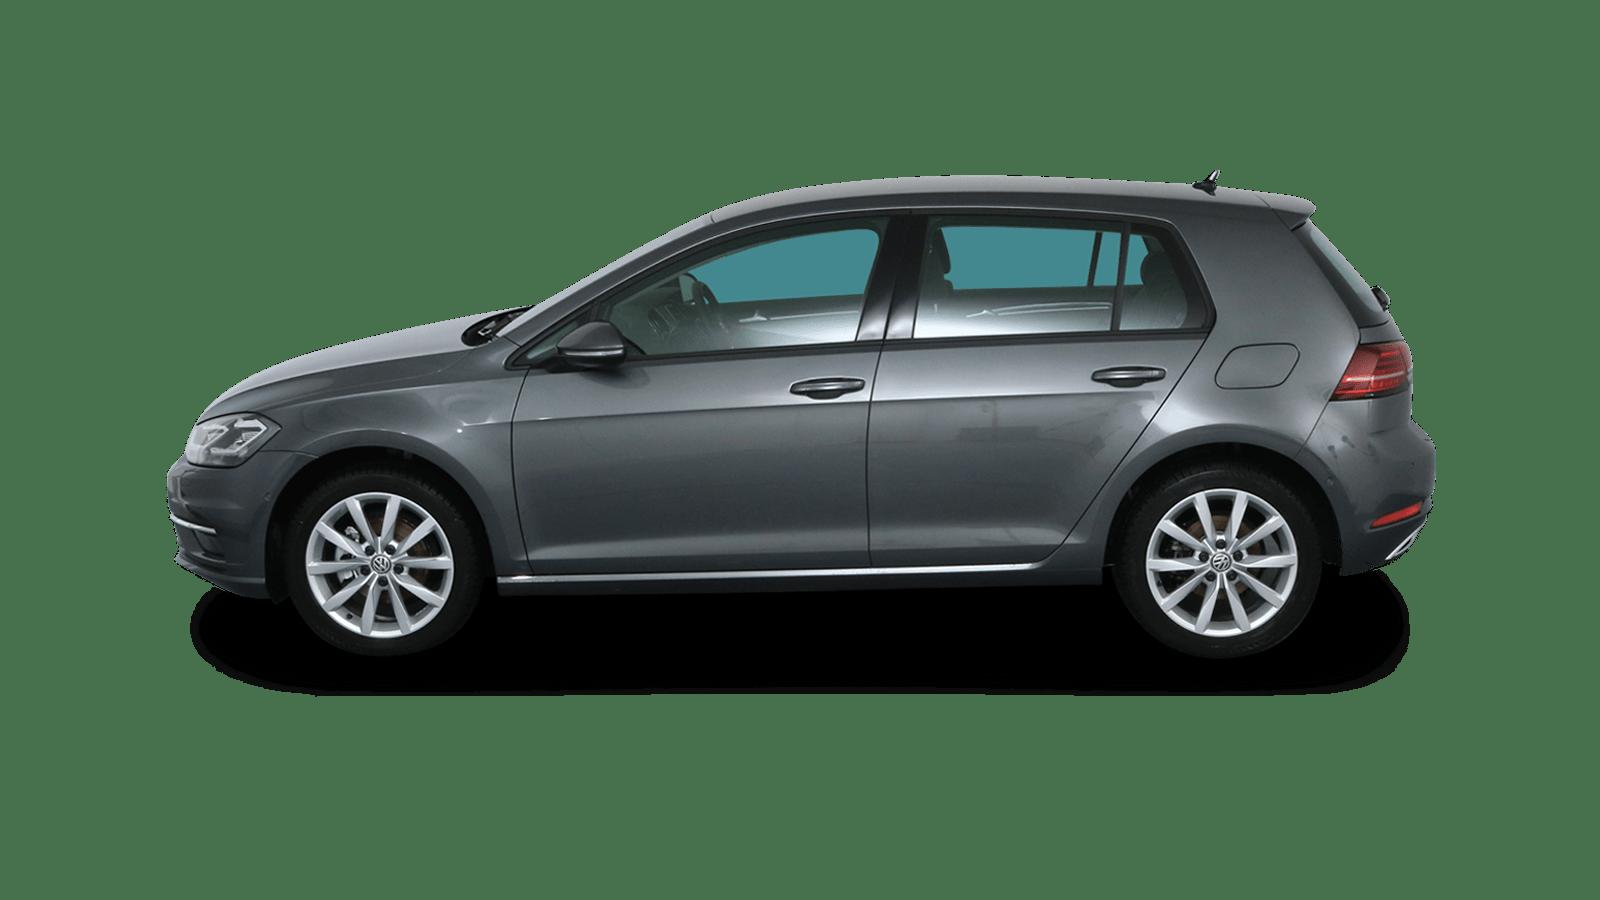 VW Golf Grau rückansicht - Clyde Auto-Abo